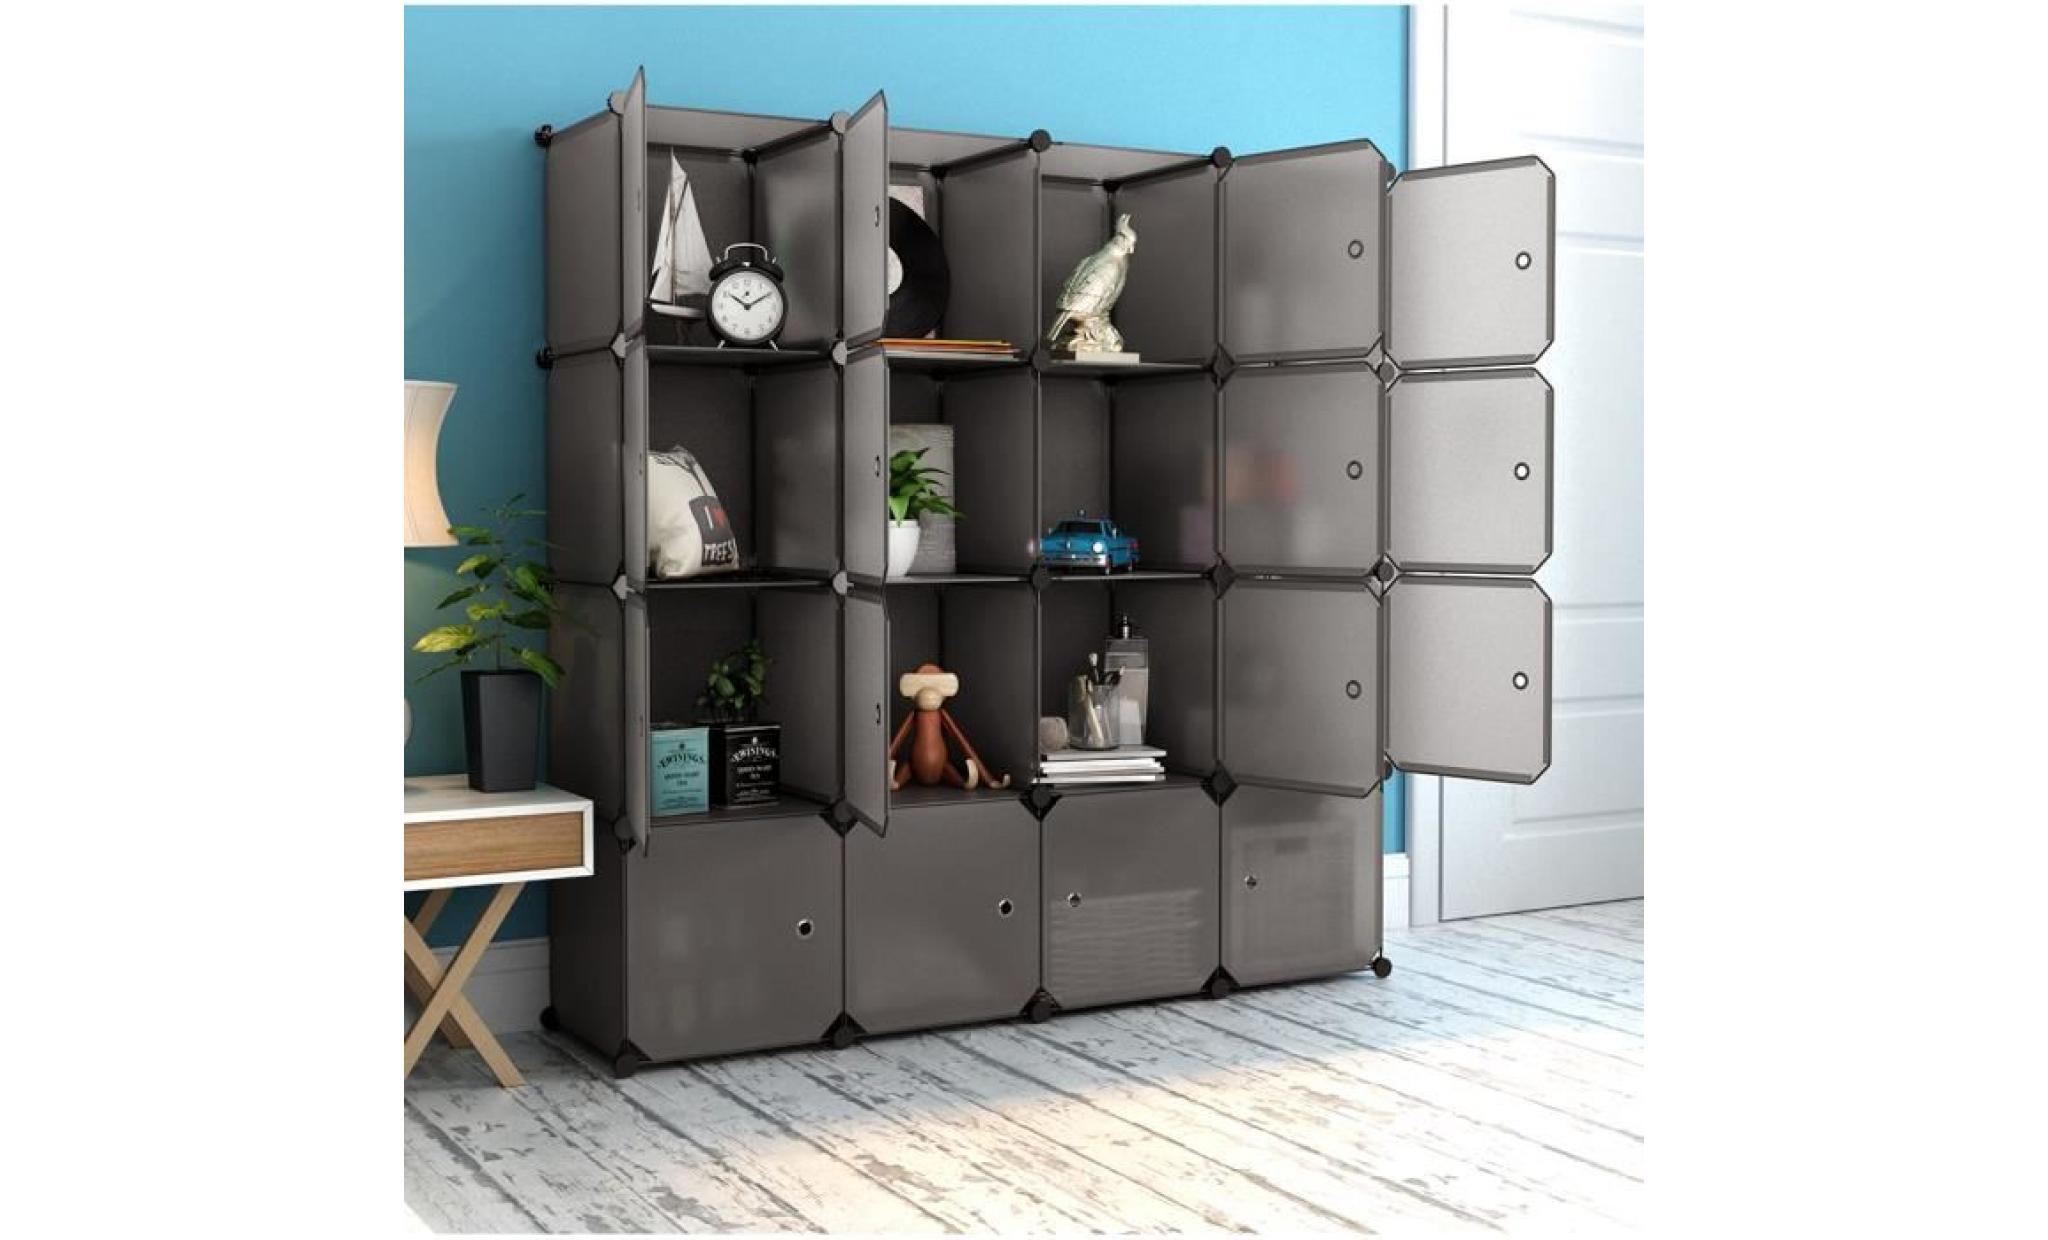 langria armoire penderie 16 cubes avec portes etagere modulable meuble rangement chambre pour vetements chaussures jouets marron achat vente armoire pas cher couleur et design fr